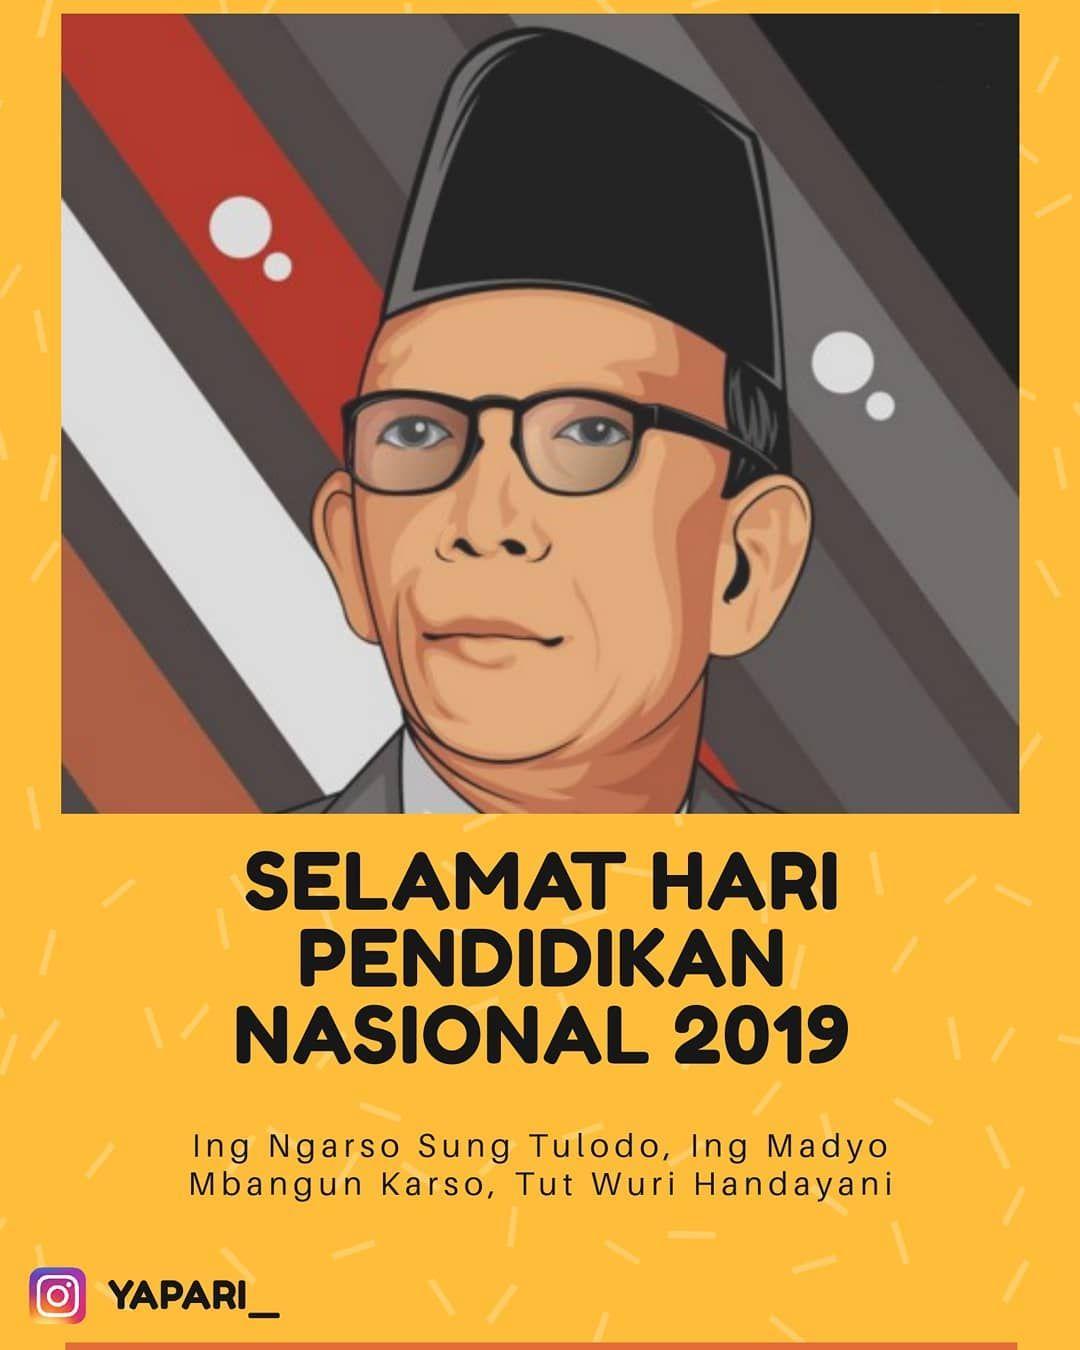 Kami Segenap Keluarga Yayasan Pengkaderan Anak Riau Mengucapkan